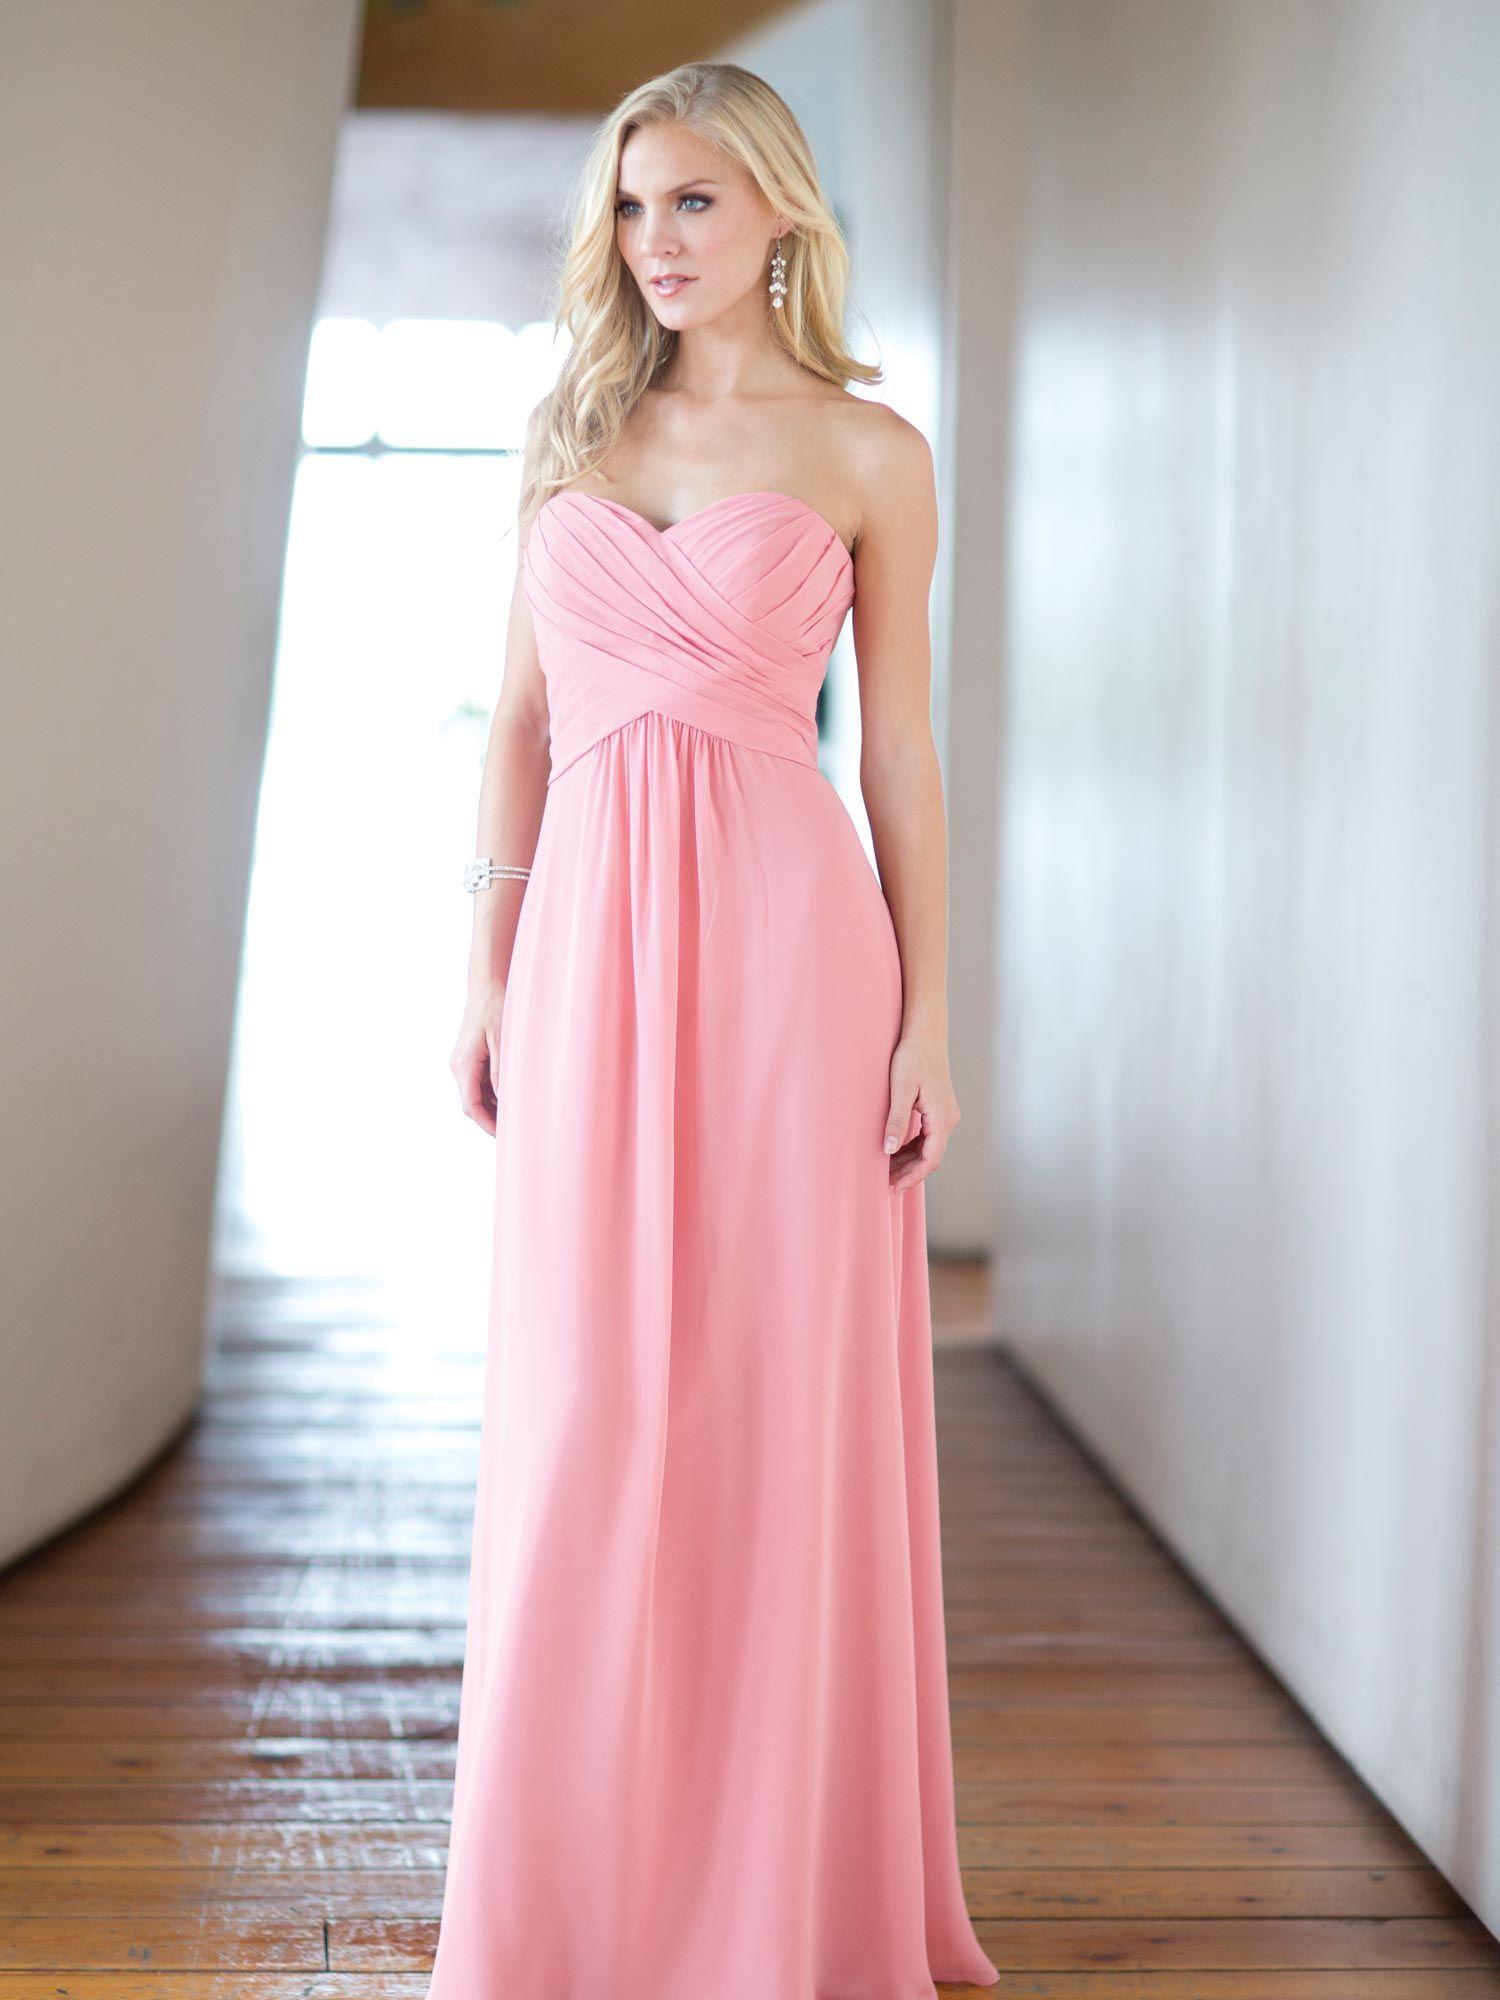 Asombroso Bridesmaid Dresses Exeter Galería - Ideas de Estilos de ...